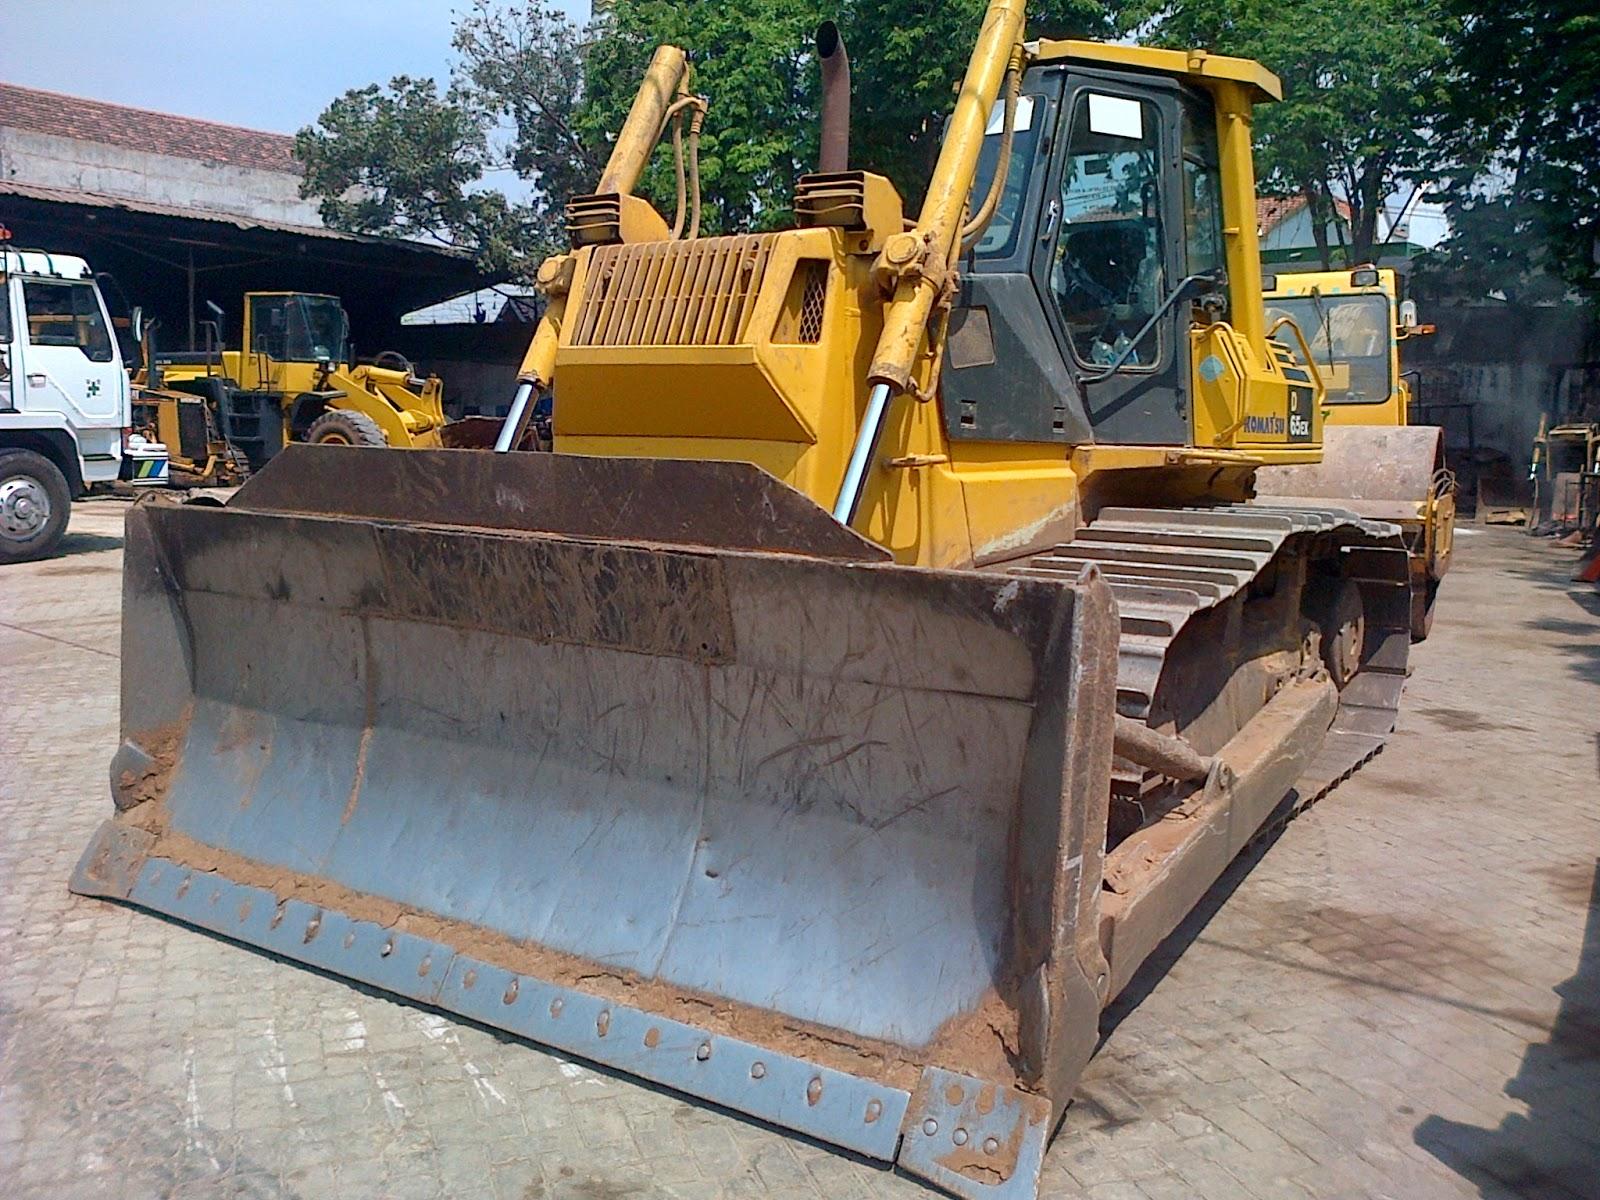 Beri keterangan gambar dozer tipe power train direct drive ! Terjual Jual Beli dan Sewa Alat Berat Surabaya (Excavator ...